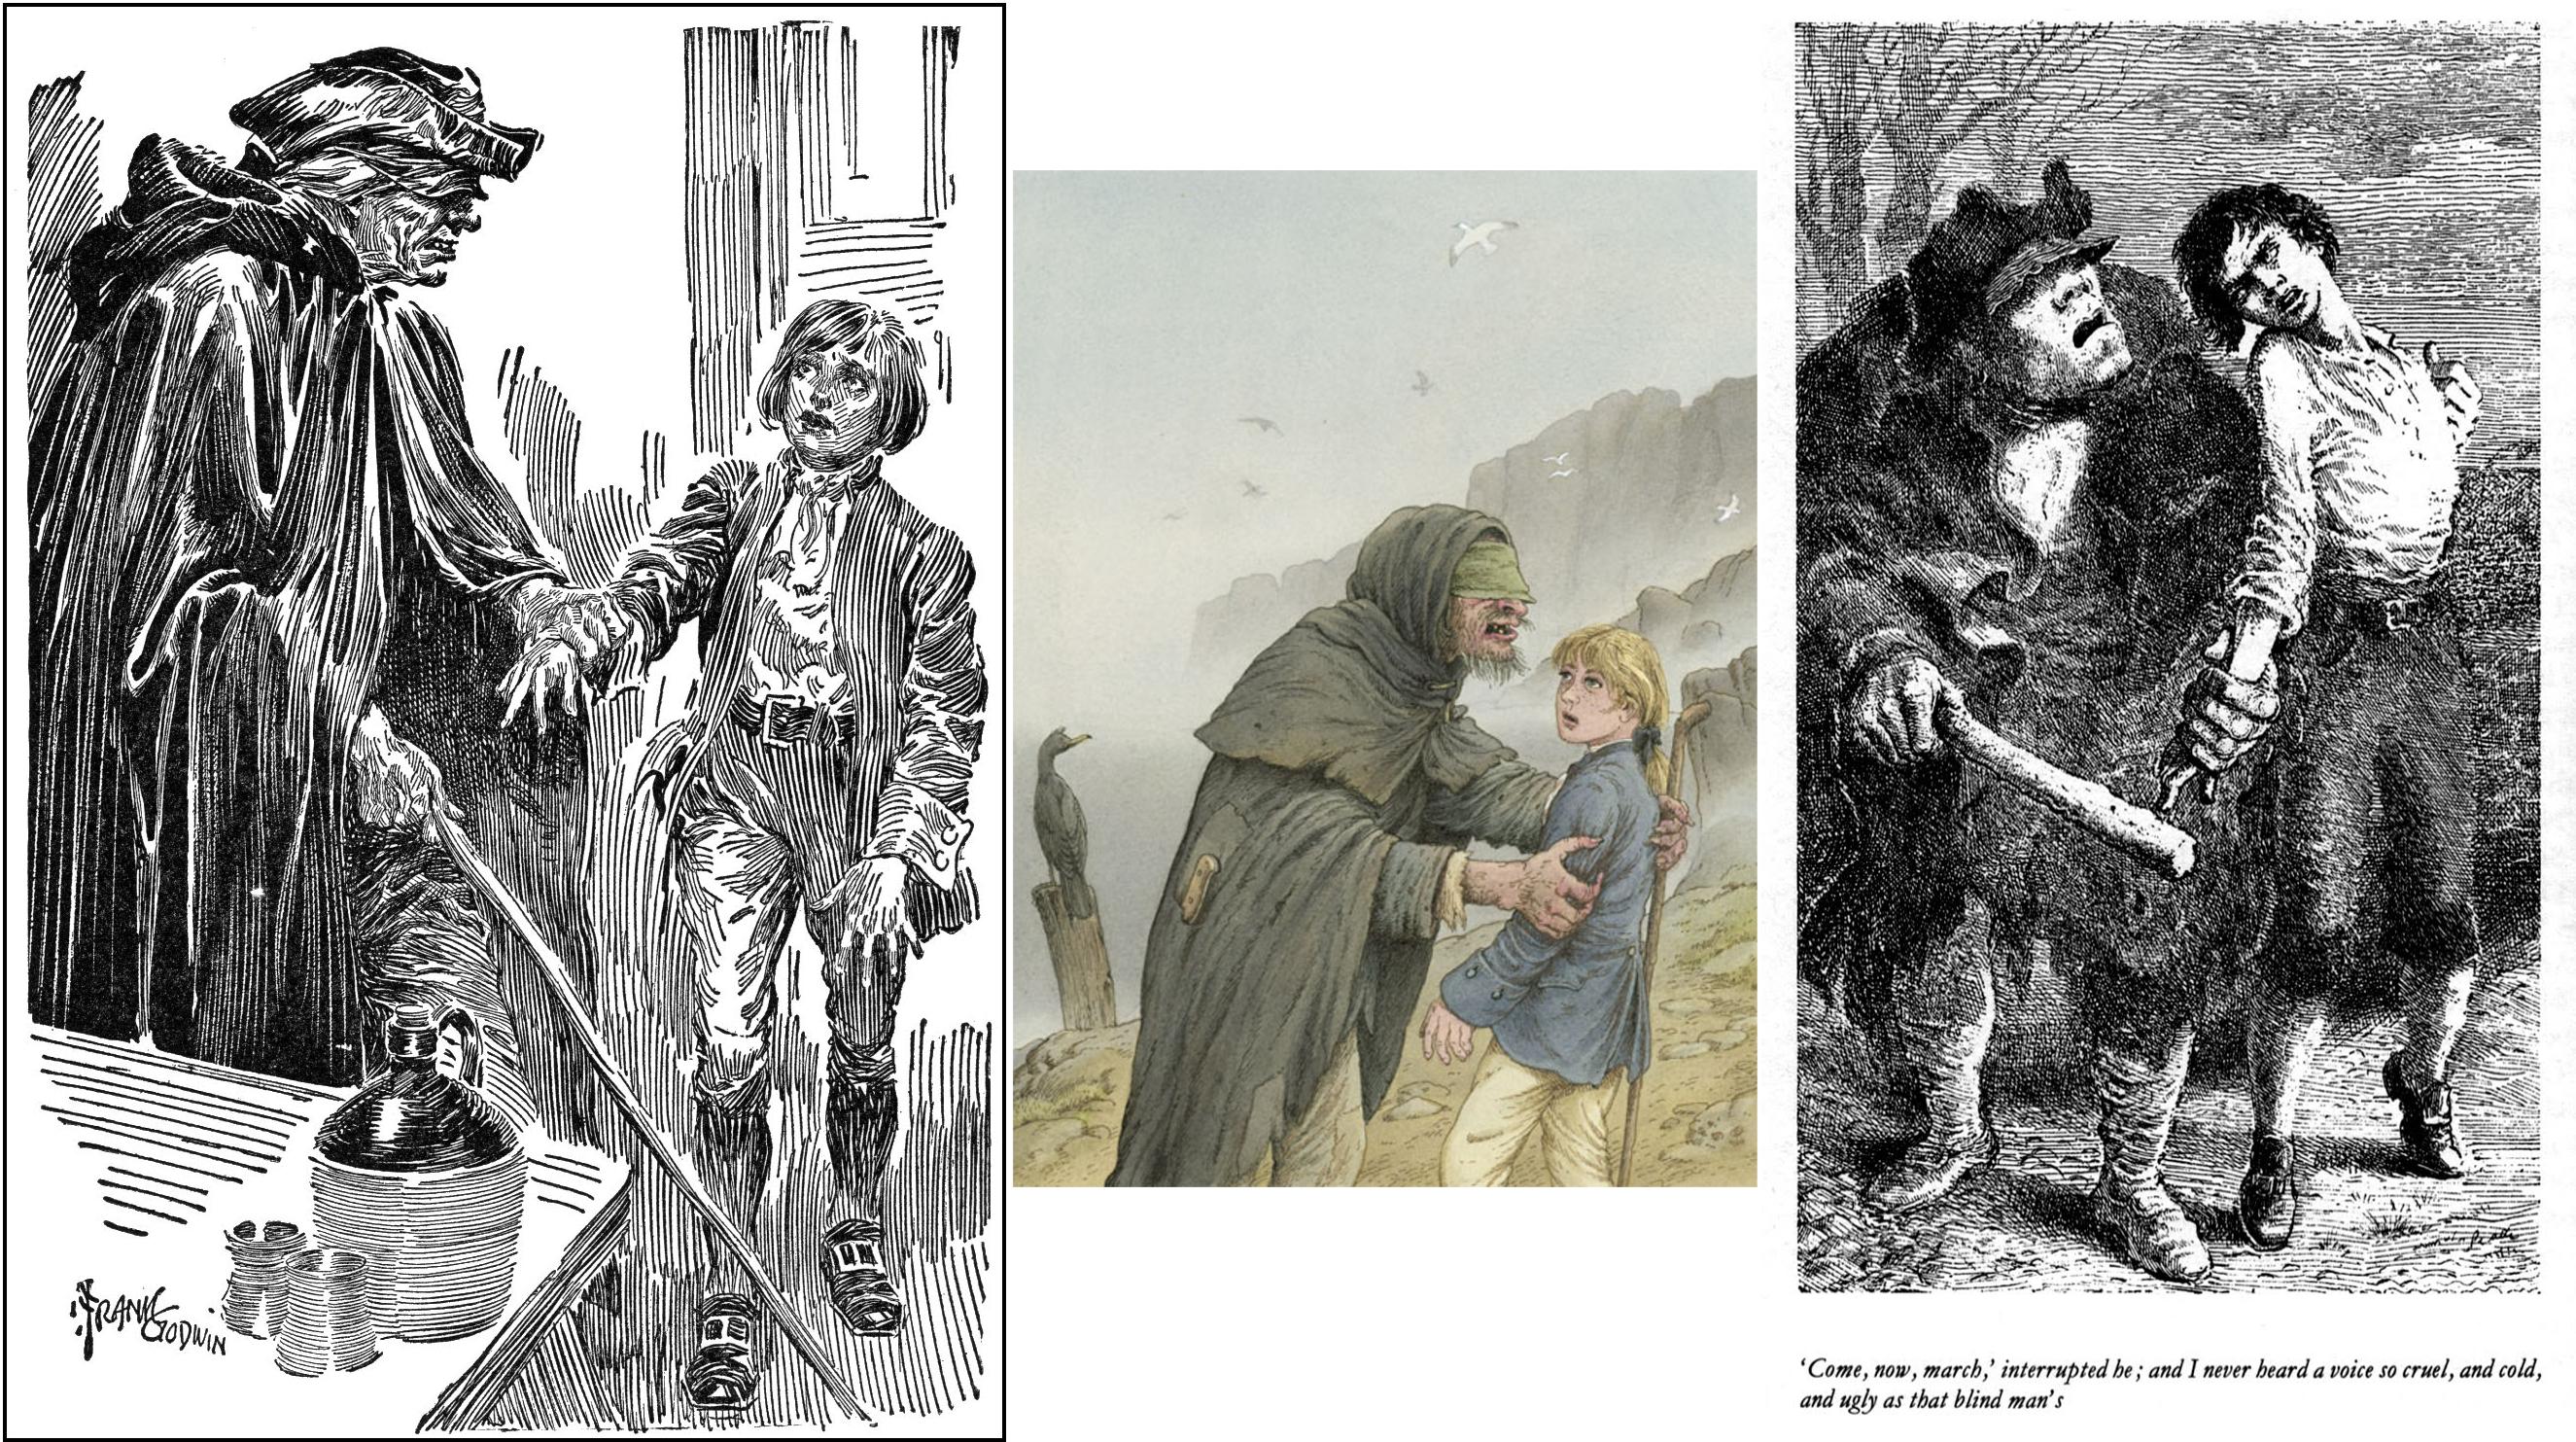 Drawn islet comic Grabs comics Books: Louis Treasure